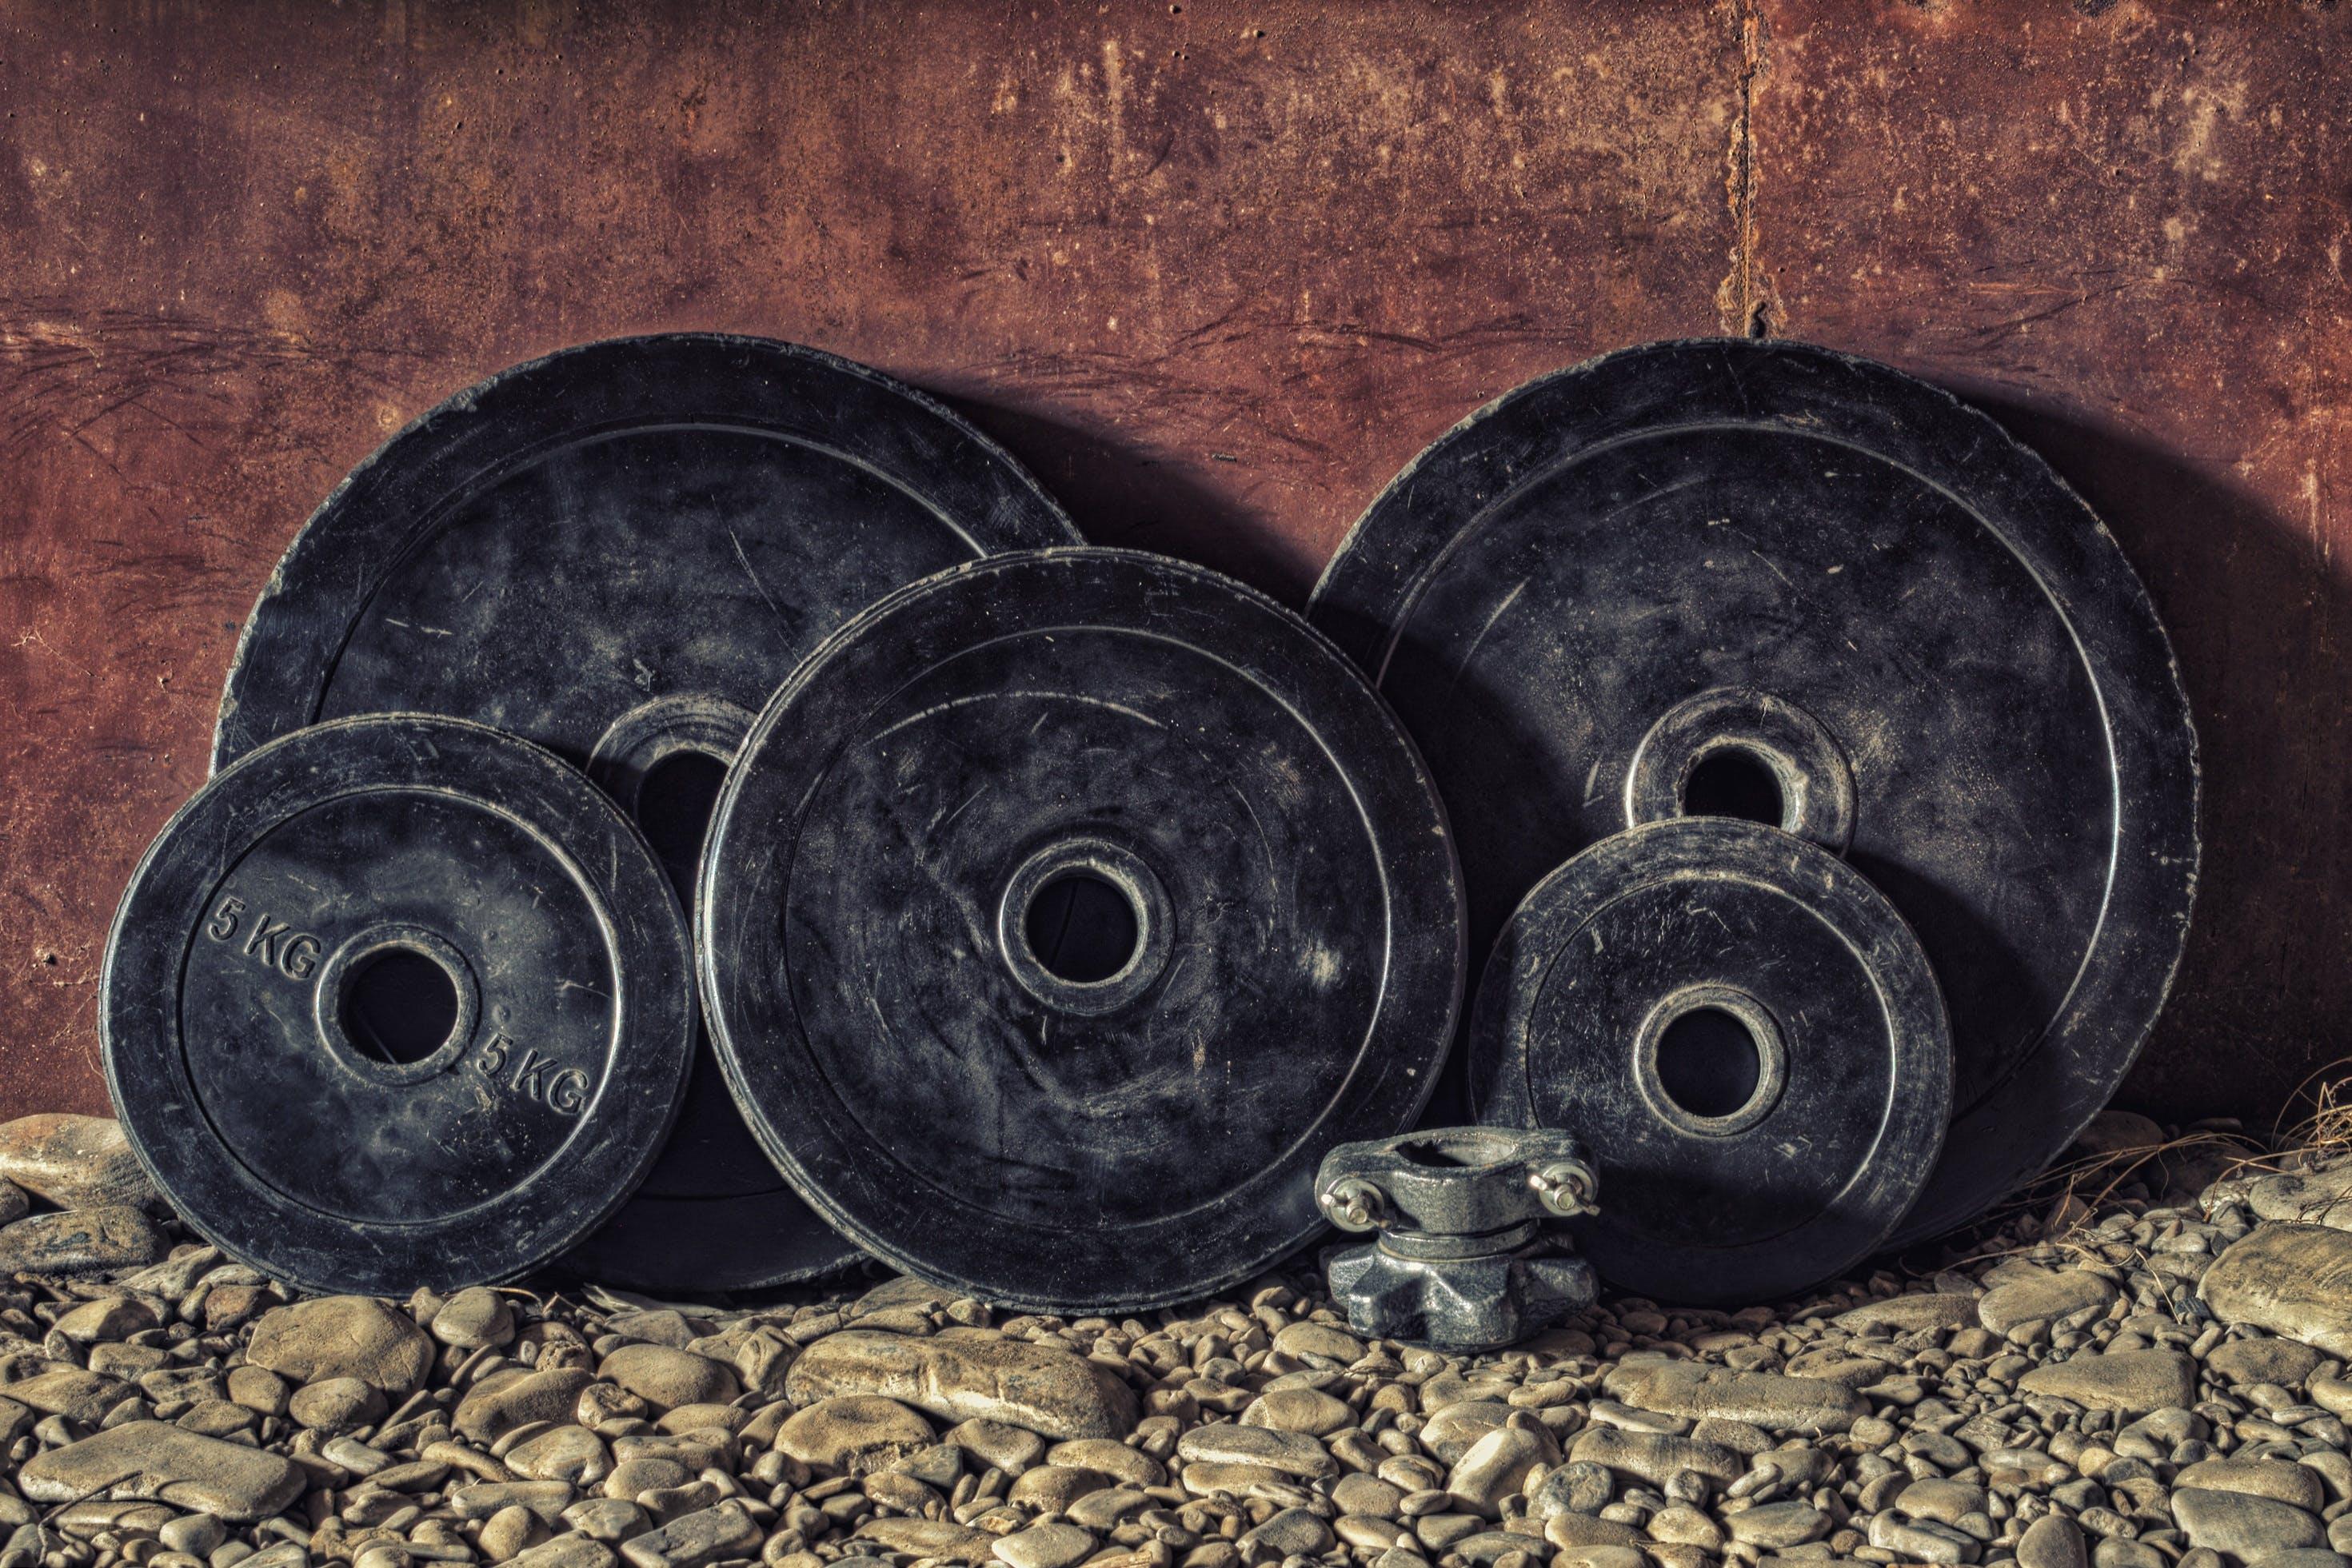 Kostenloses Stock Foto zu ausrüstung, dreckig, eisen, fitness